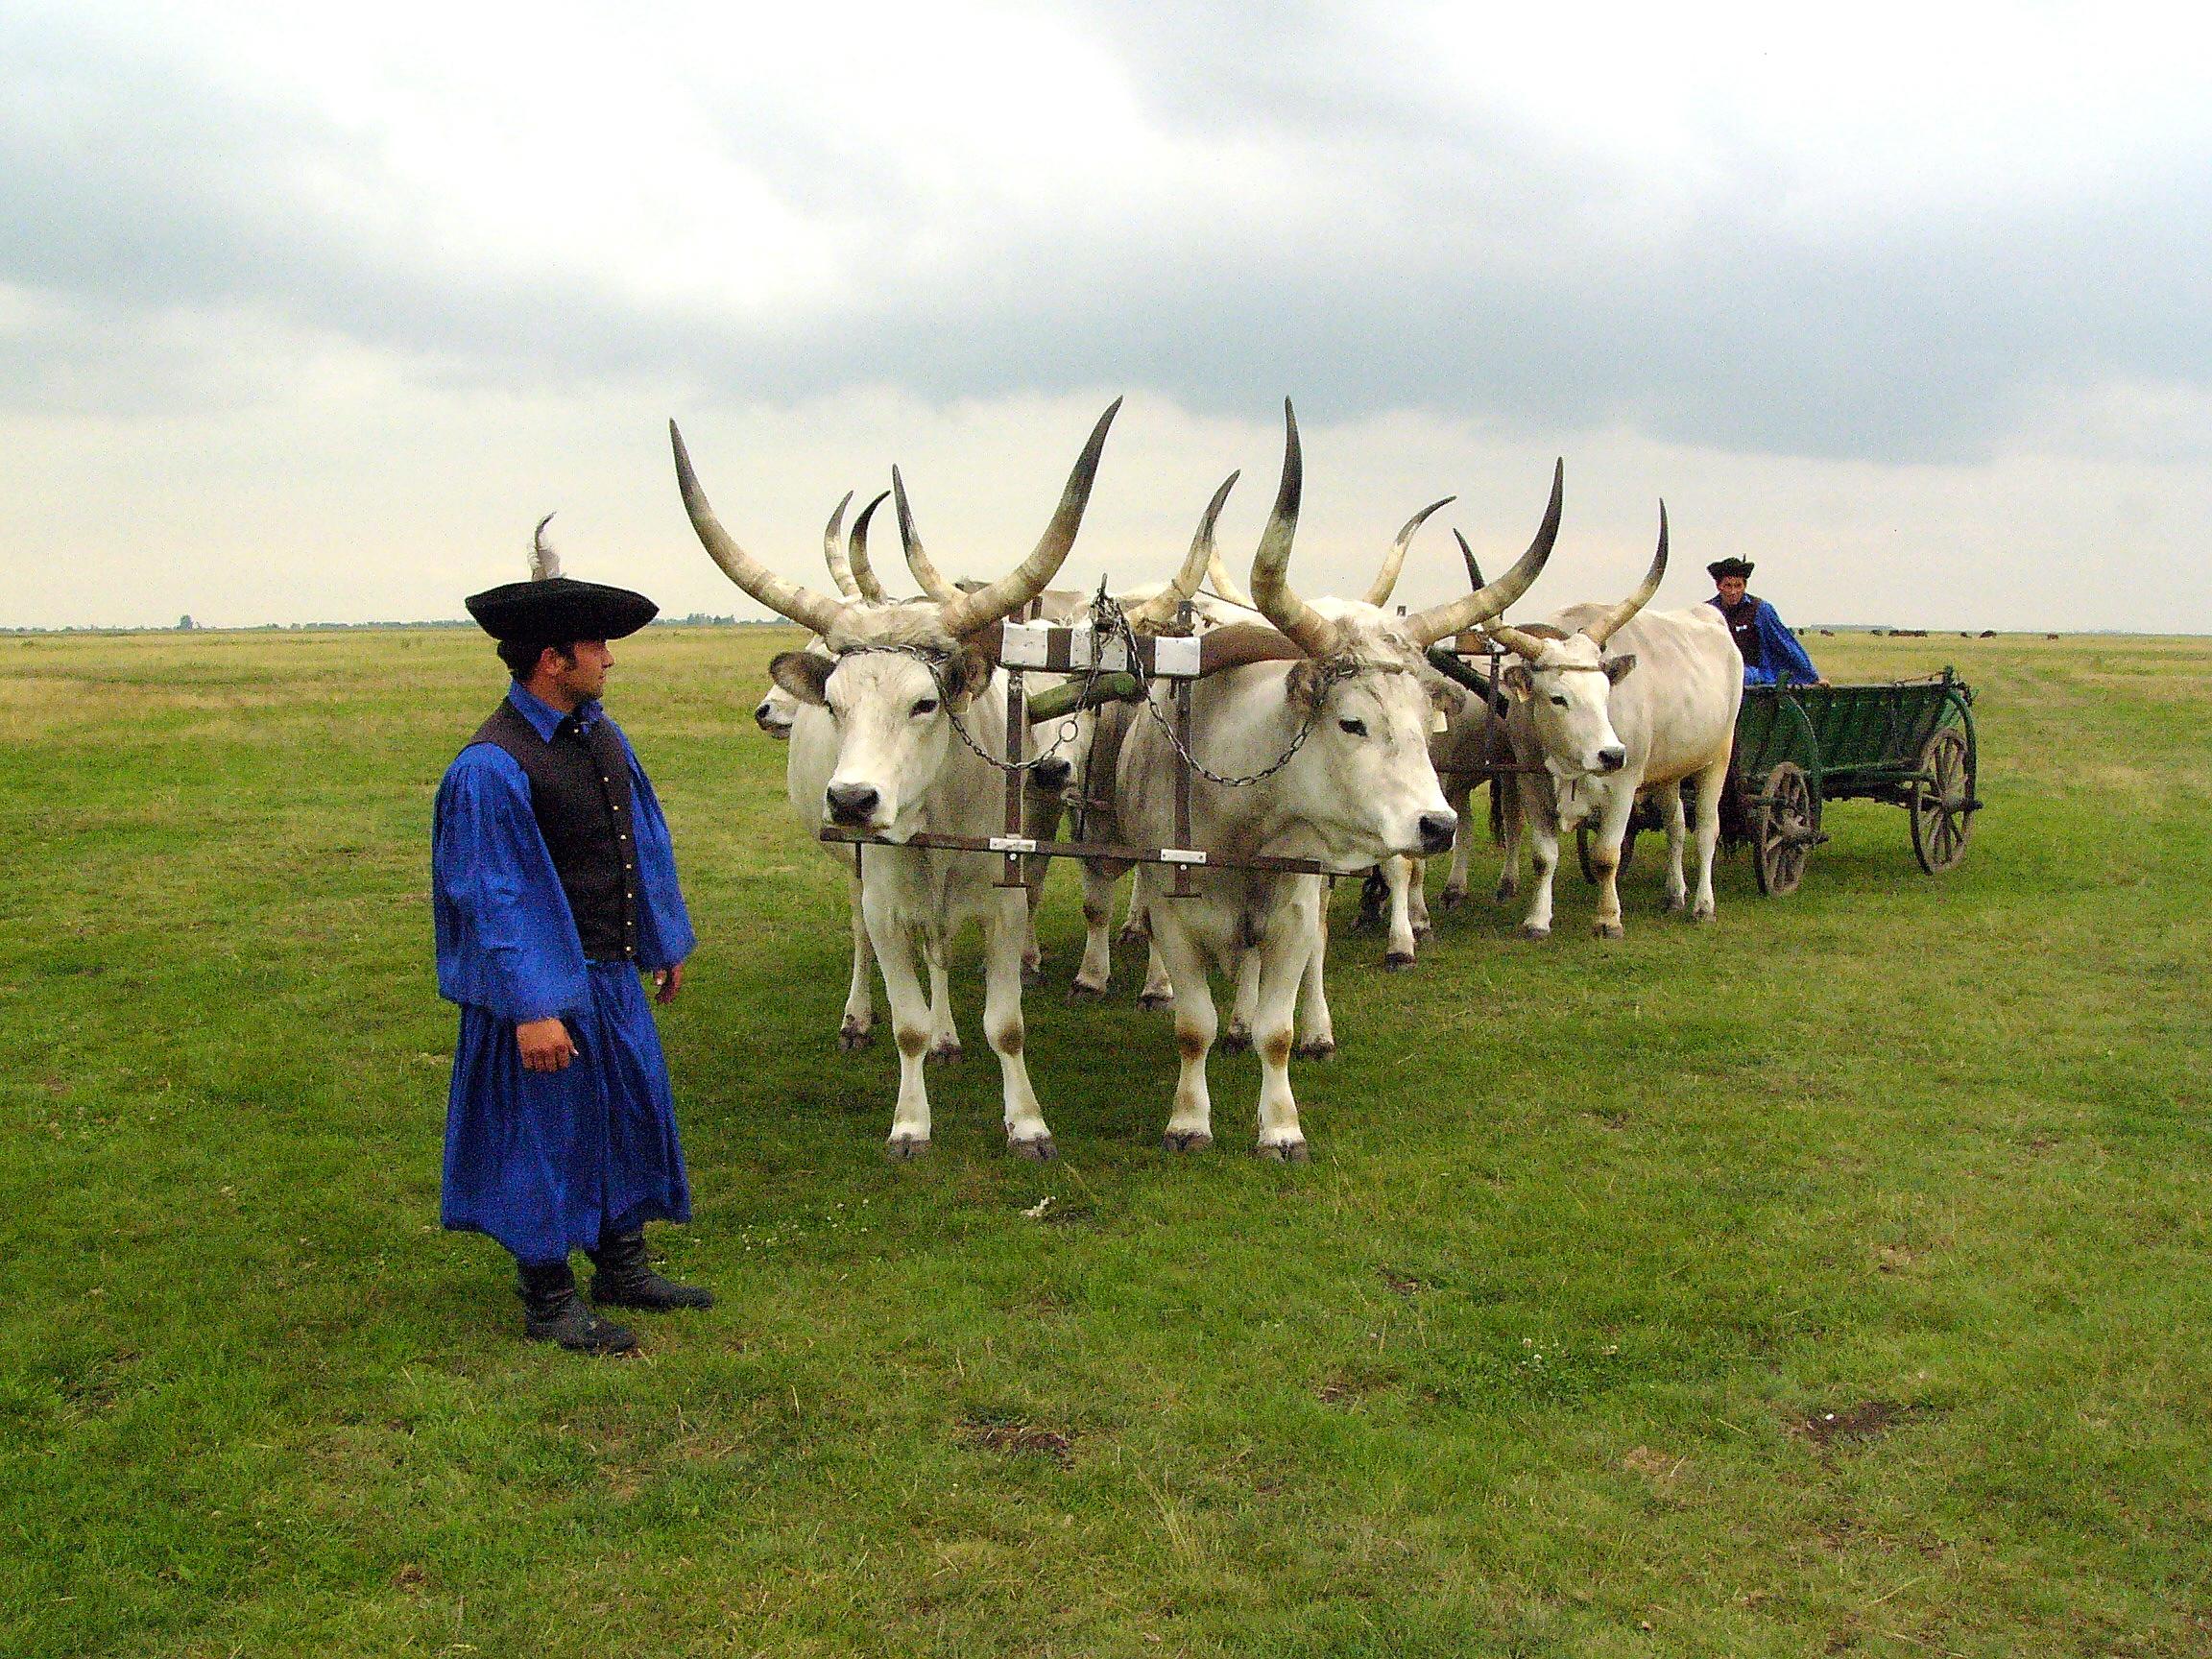 Debrecenben kezdődik a nemzeti parkok hete rendezvénysorozat